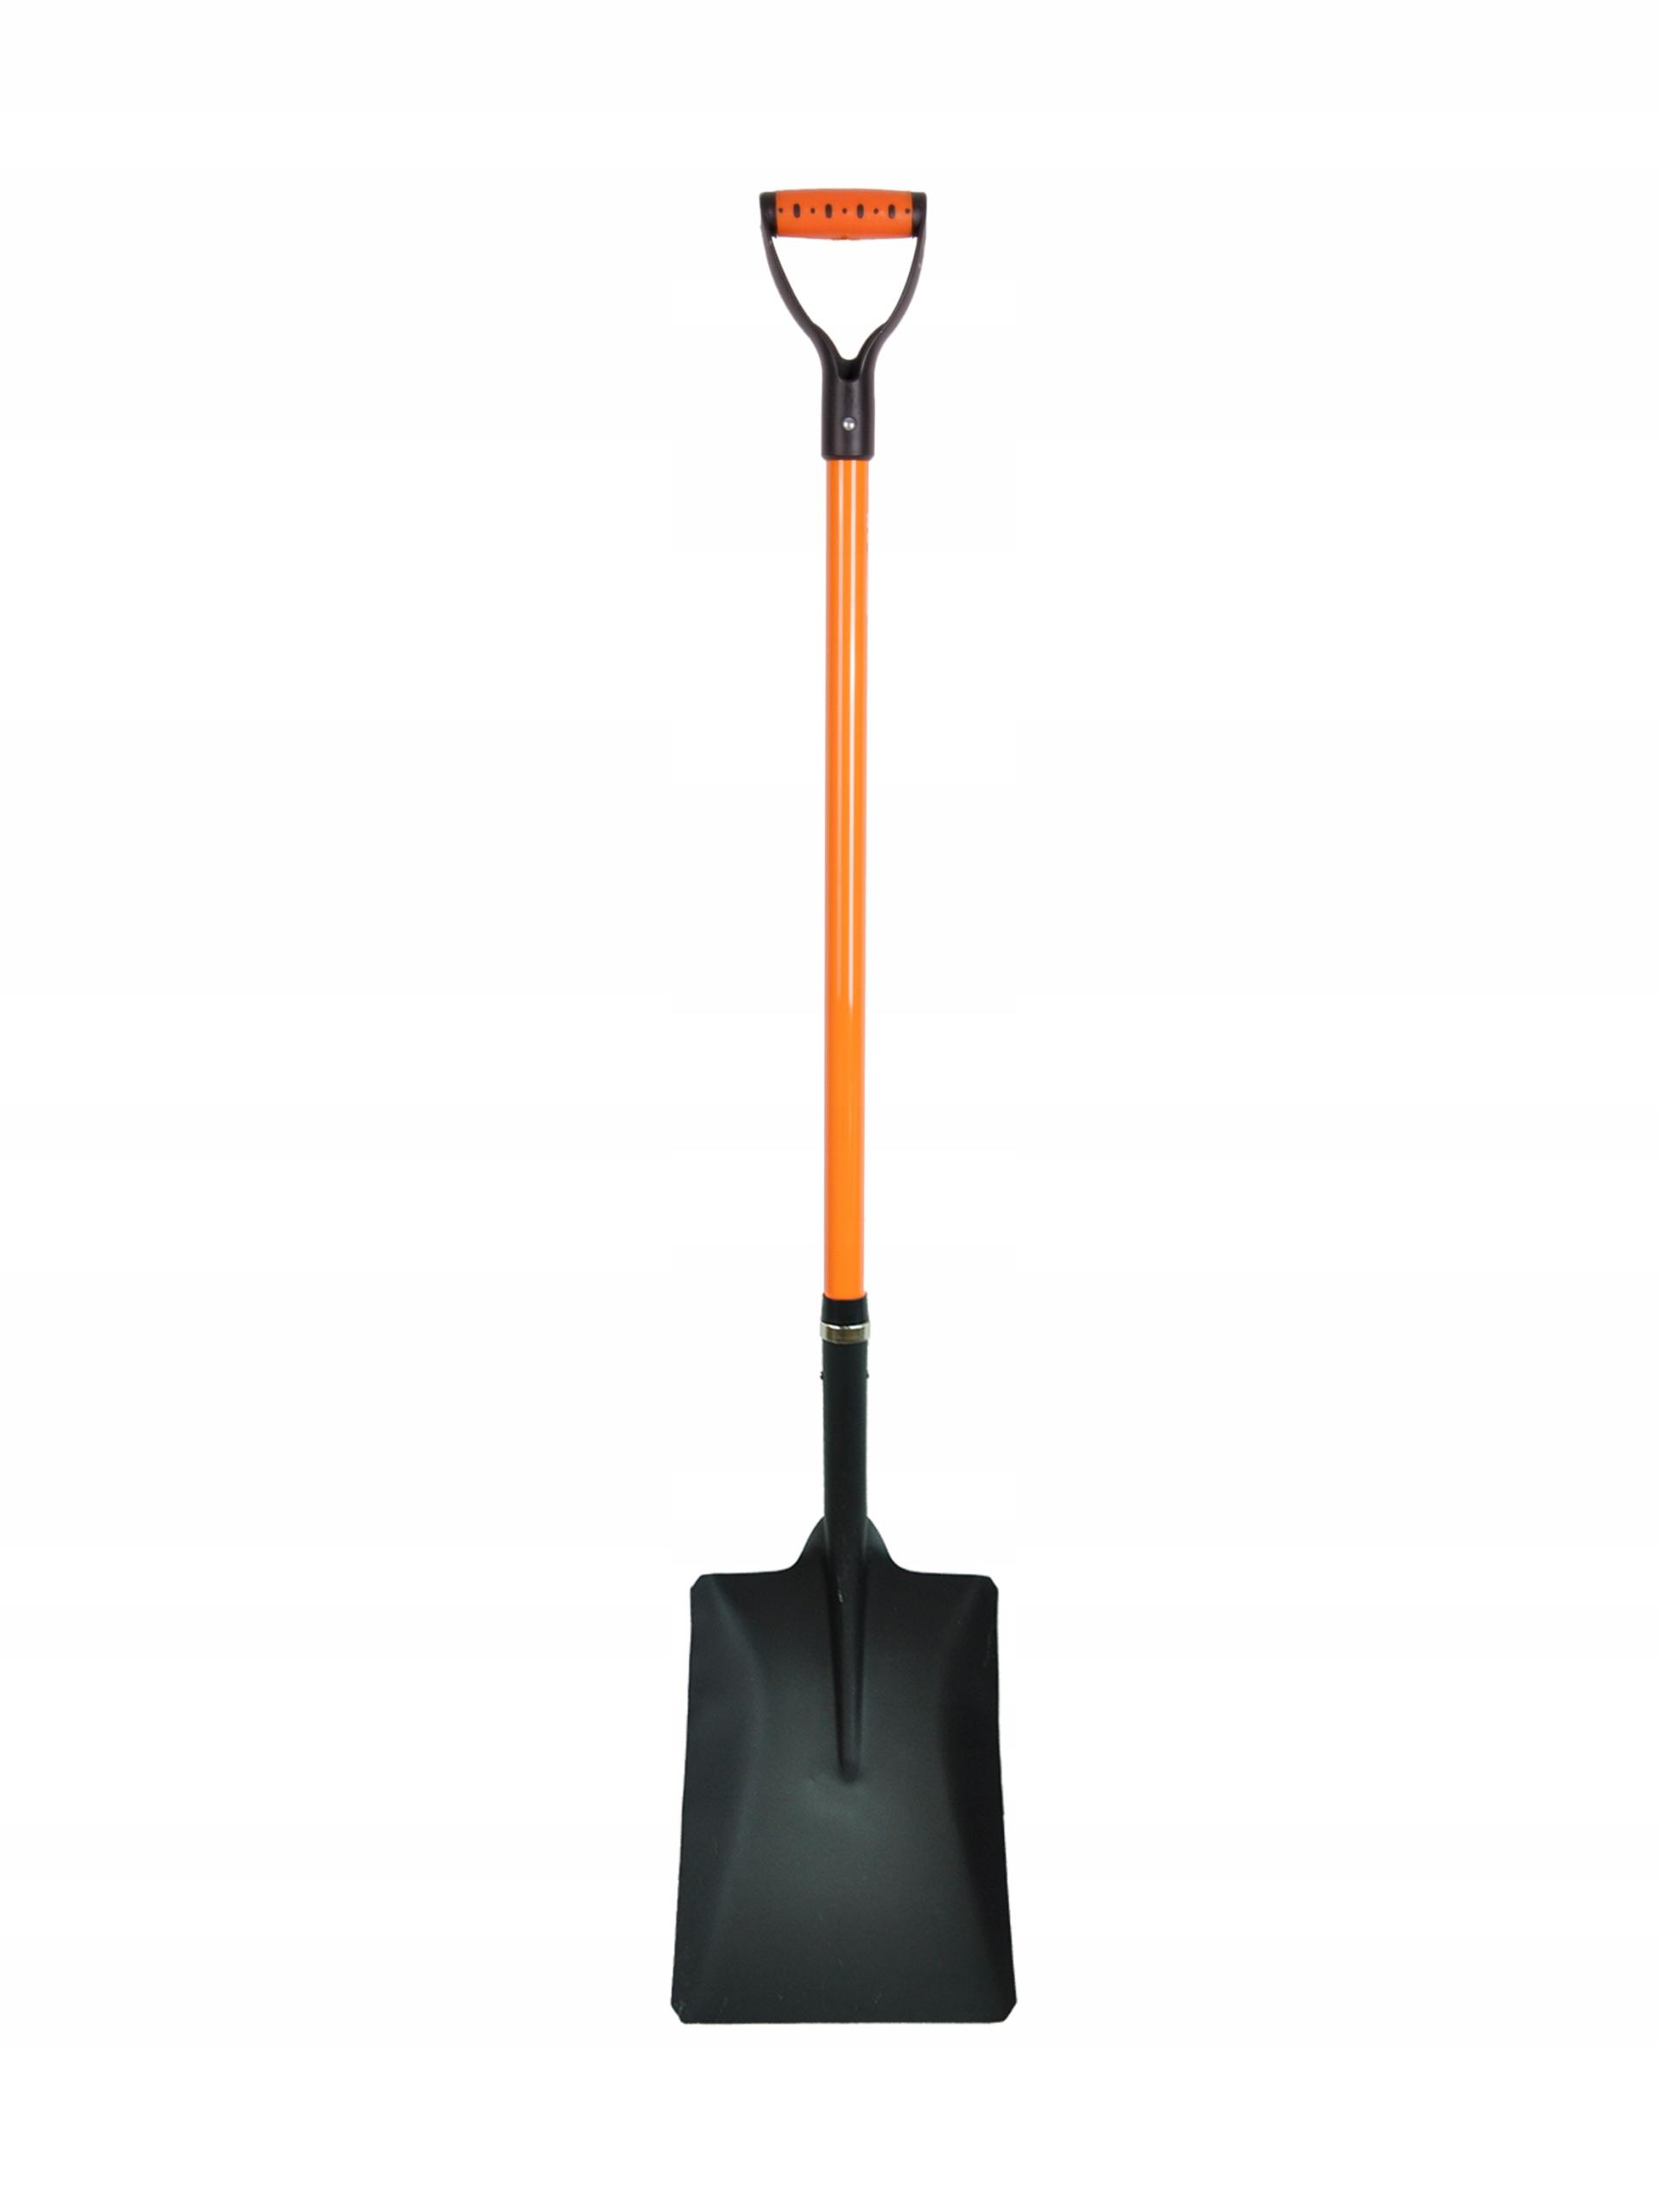 Sada SOTKA ORANGE: rýľ, vidličky, lopata x 2 Hmotnosť produktu s jednotkovým balením 10 kg